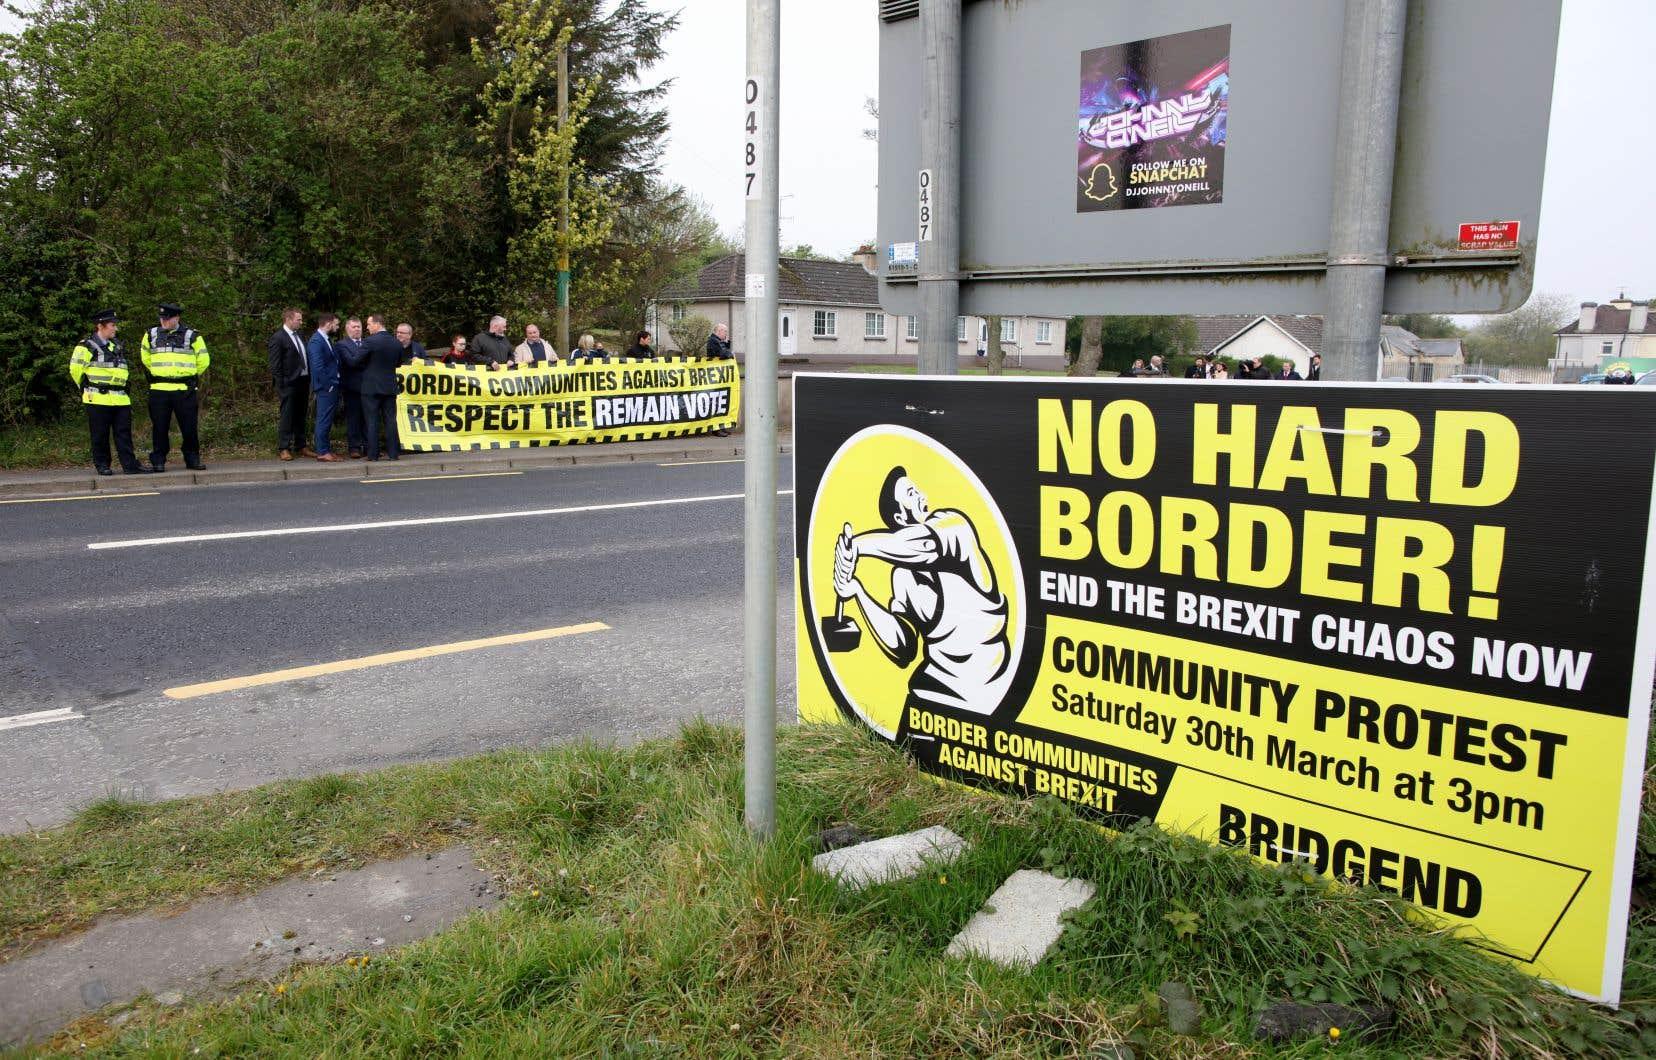 <p>Des manifestants anti-Brexit et contre l'imposition éventuelle d'une frontière dure entre l'Irlande du Nord et l'Irlande protestent à la frontière.</p>